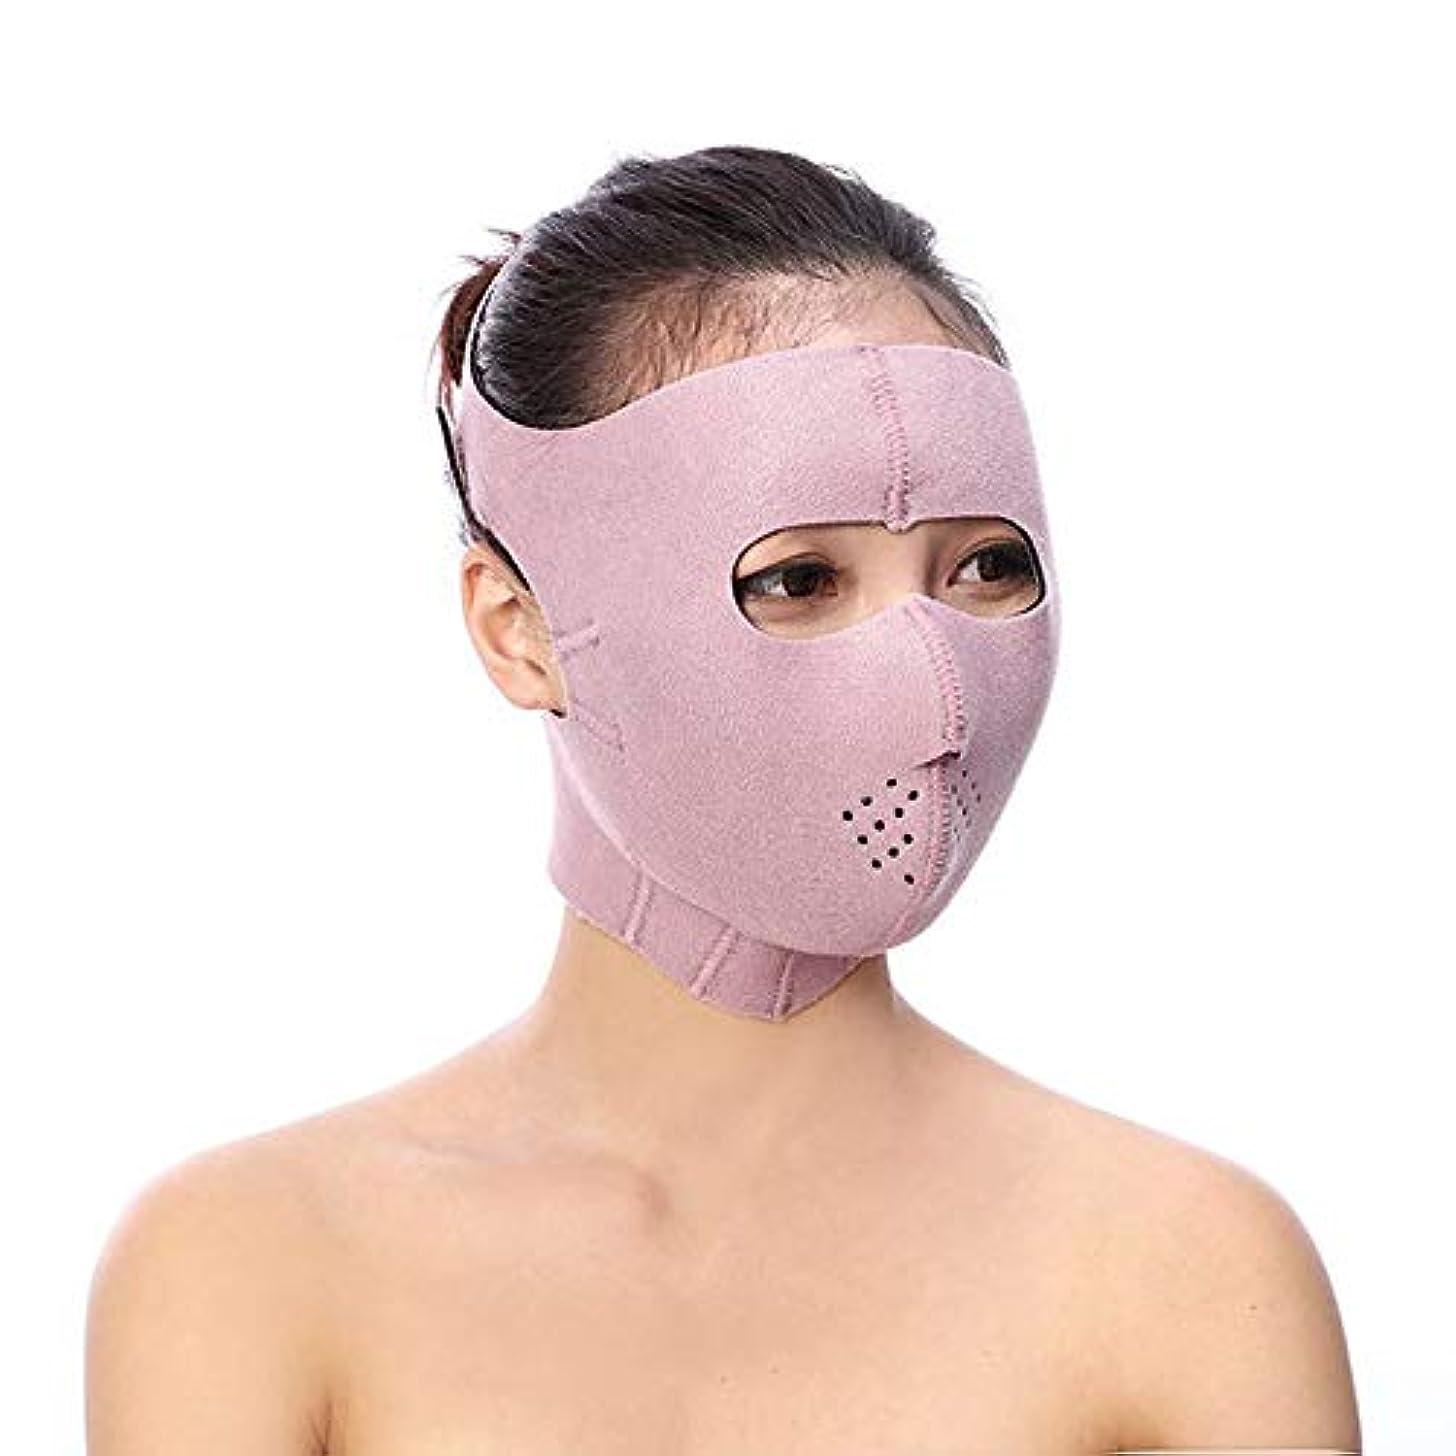 爆弾のり第二XINGZHE フェイシャルリフティング痩身ベルト - Vフェイス包帯マスクフェイシャルマッサージャー無料の薄いフェイス包帯整形マスクを引き締める顔と首の顔スリム フェイスリフティングベルト